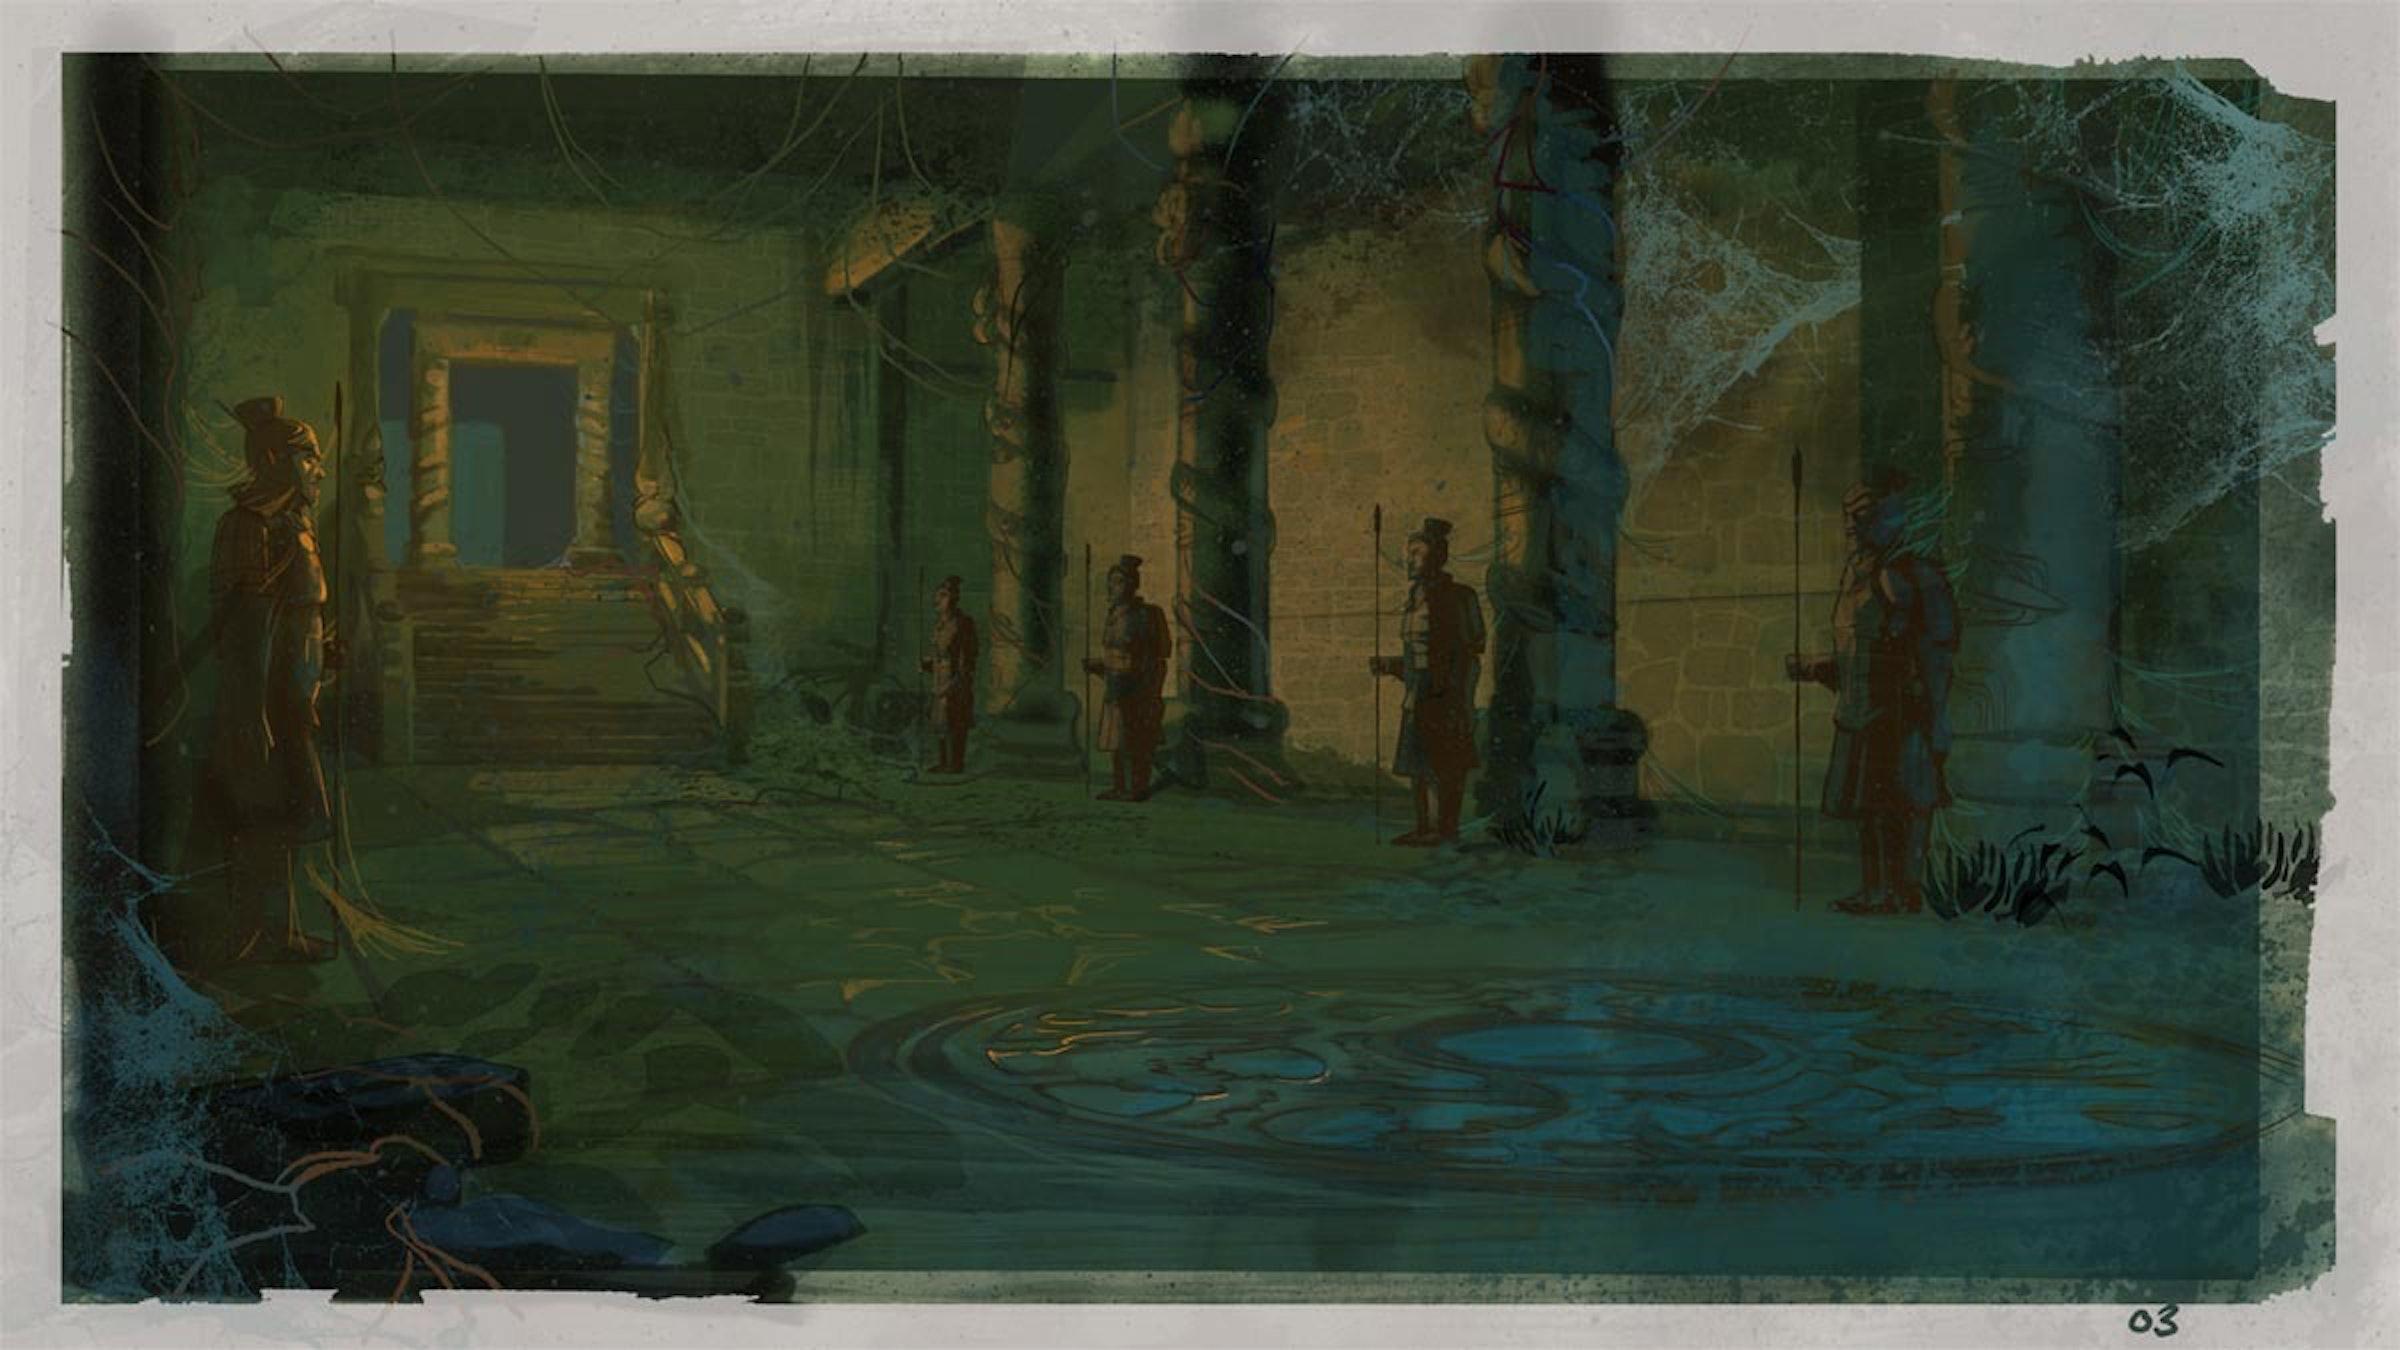 Artist Patrick Shoenmaker's temple designs for 'The Adventures of Indiana Jones'